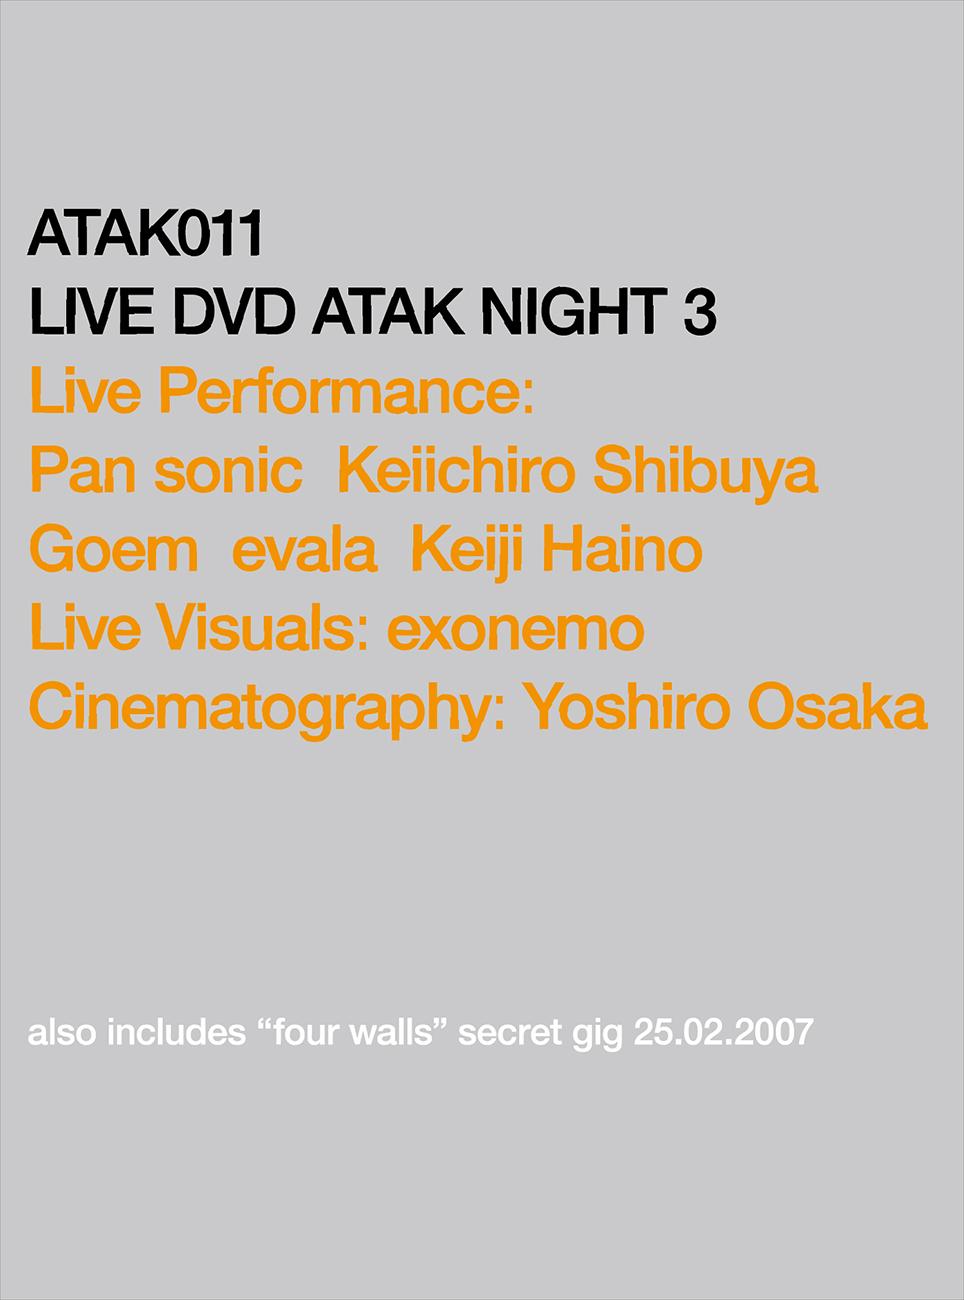 ATAK011 LIVE DVD ATAK NIGHT 3